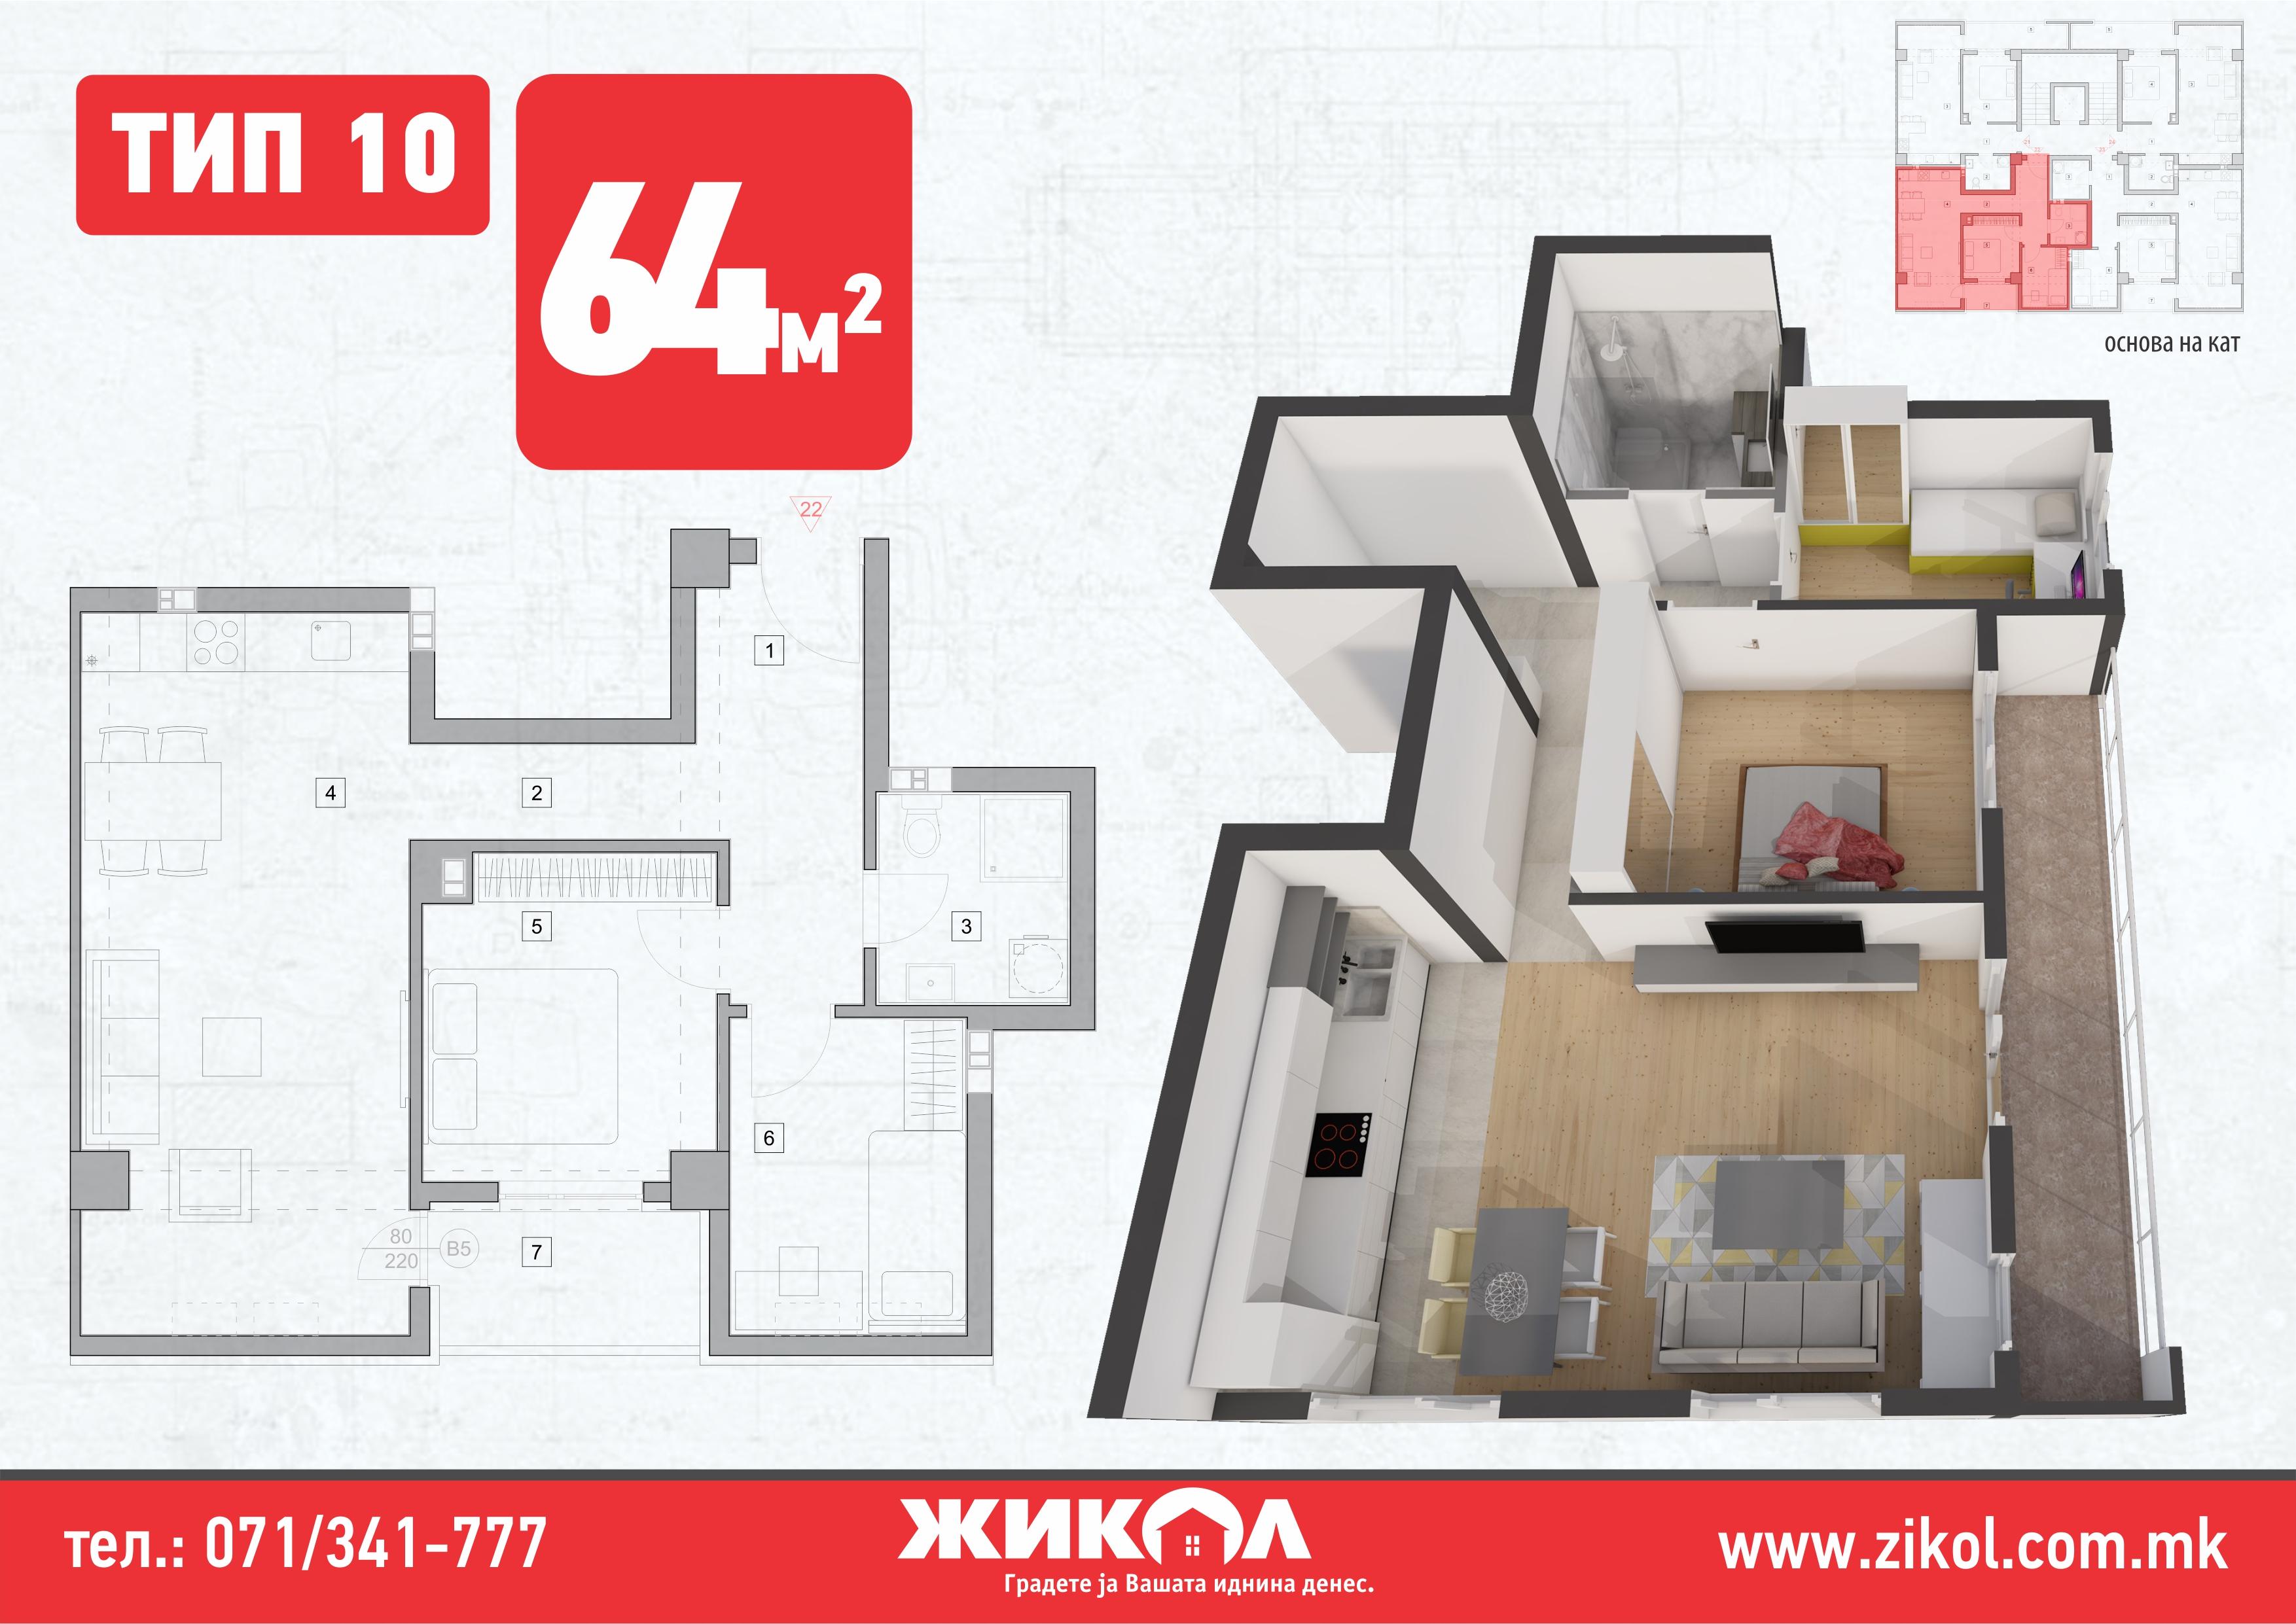 зграда 8, подкровје, стан 22